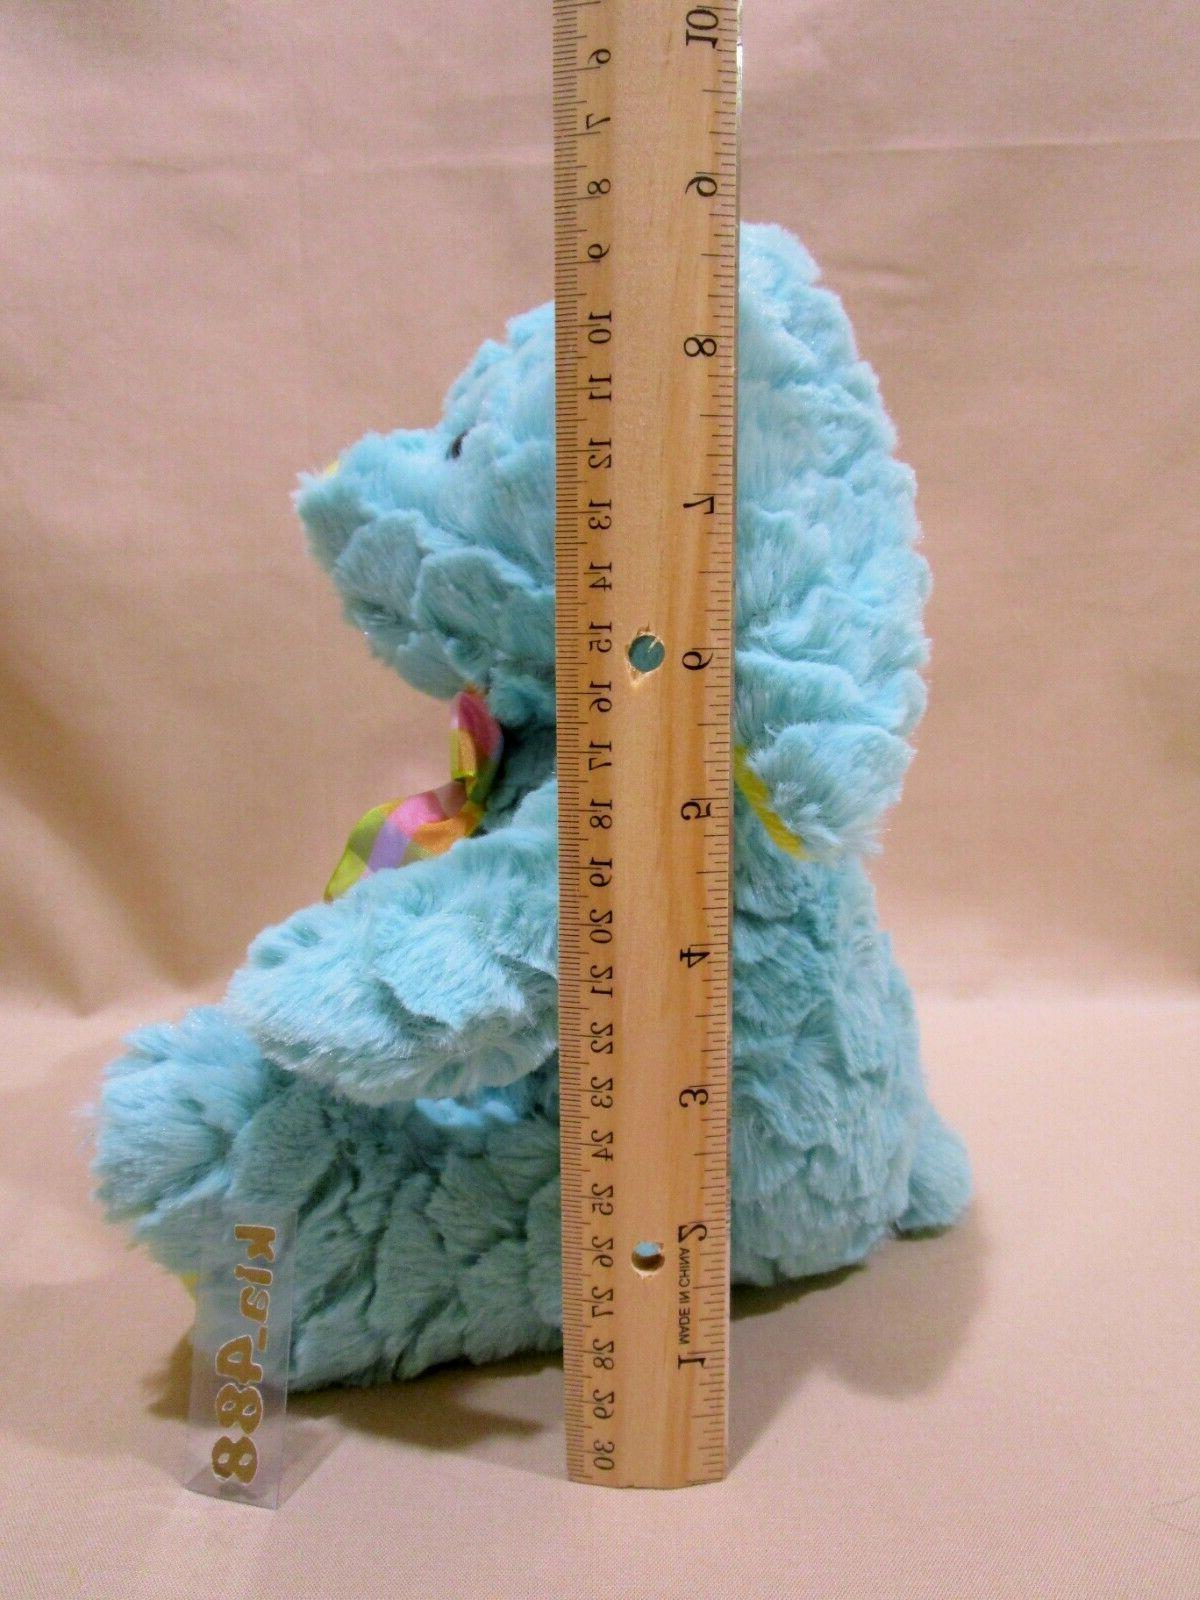 Aqua yellow Bunny Stuffed Baby